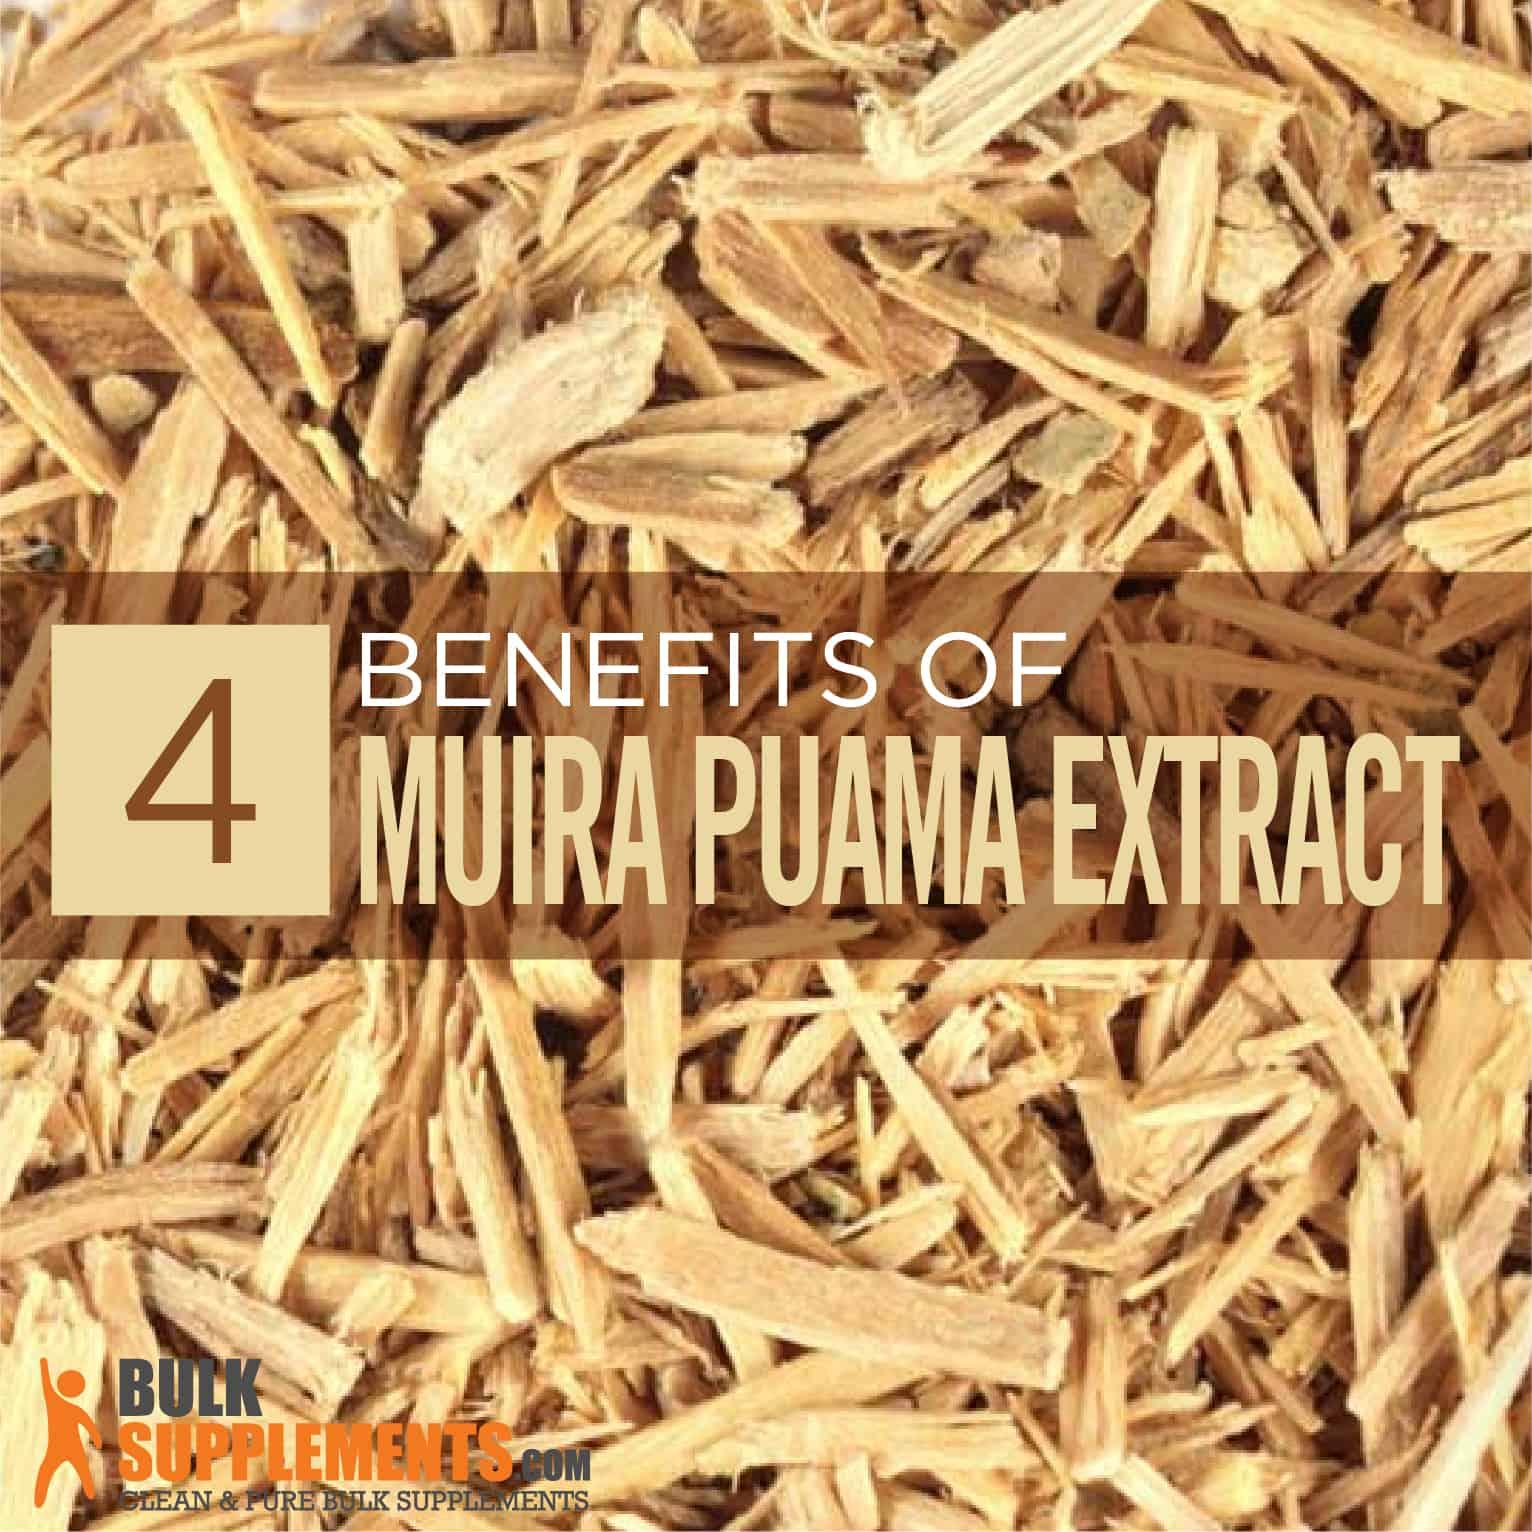 Muira Puama Extract